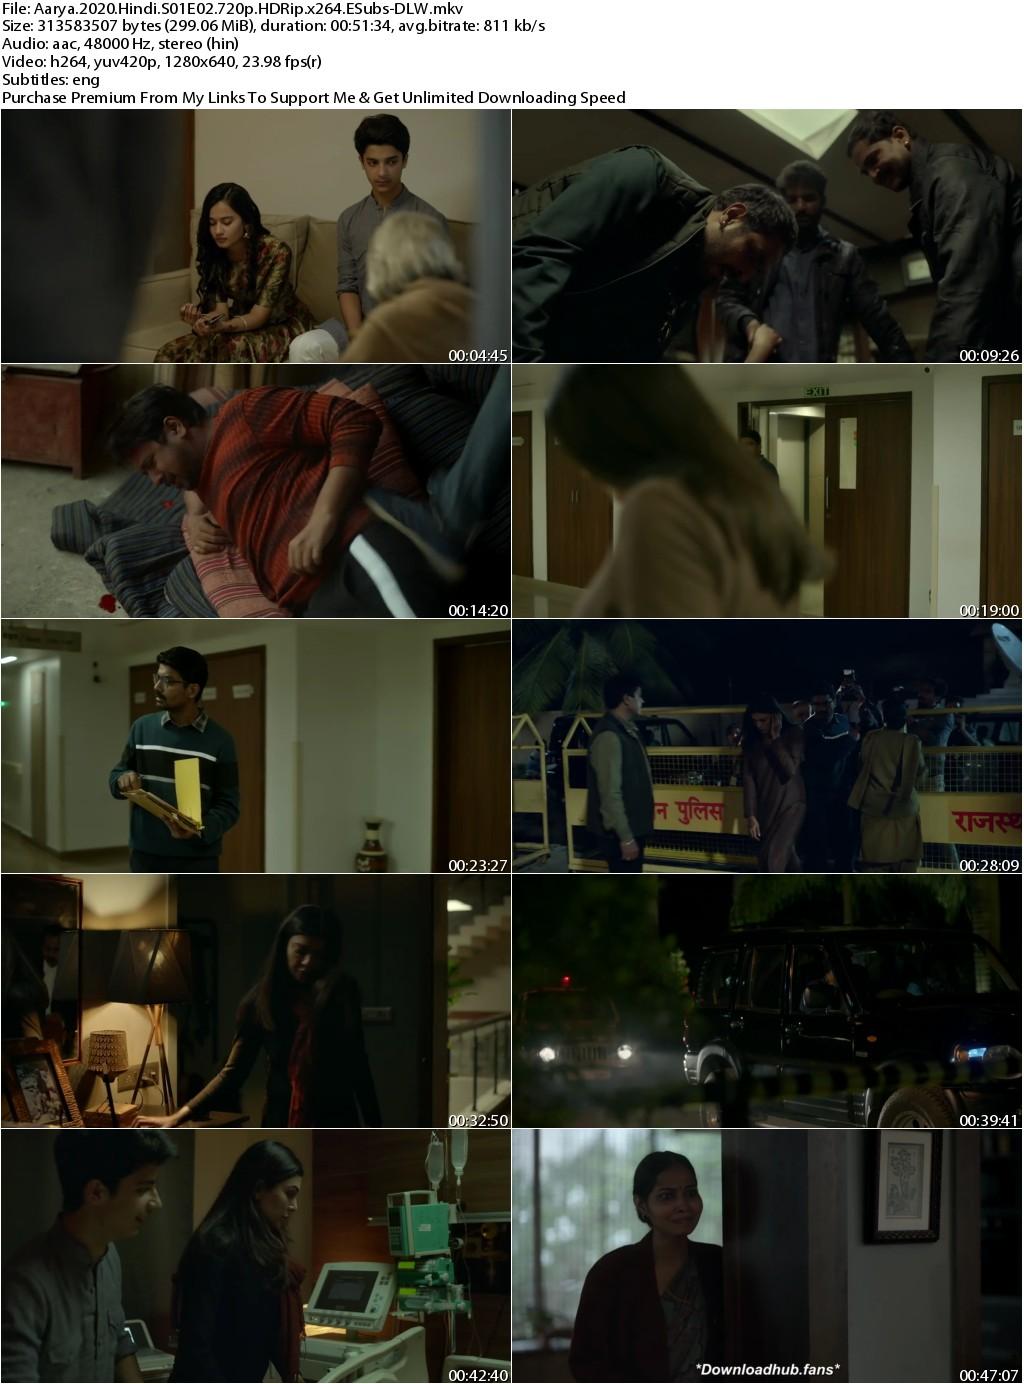 Aarya 2020 Hindi Season 01 Complete 720p HDRip x264 ESubs 2.6GB-DLW